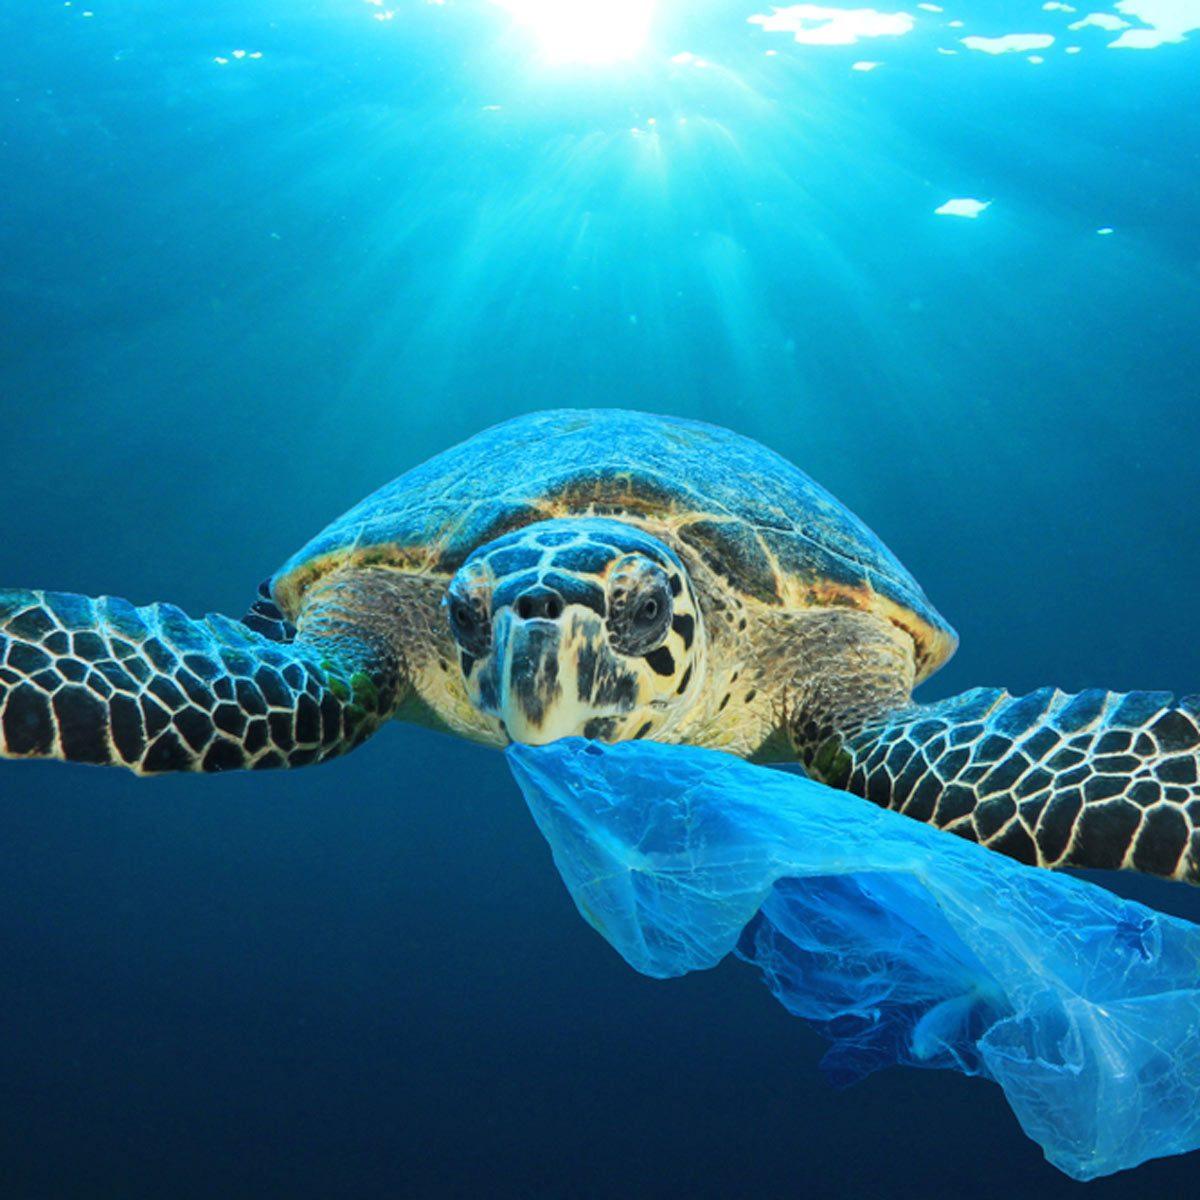 turtle ocean plastic bag ocean garbage patch